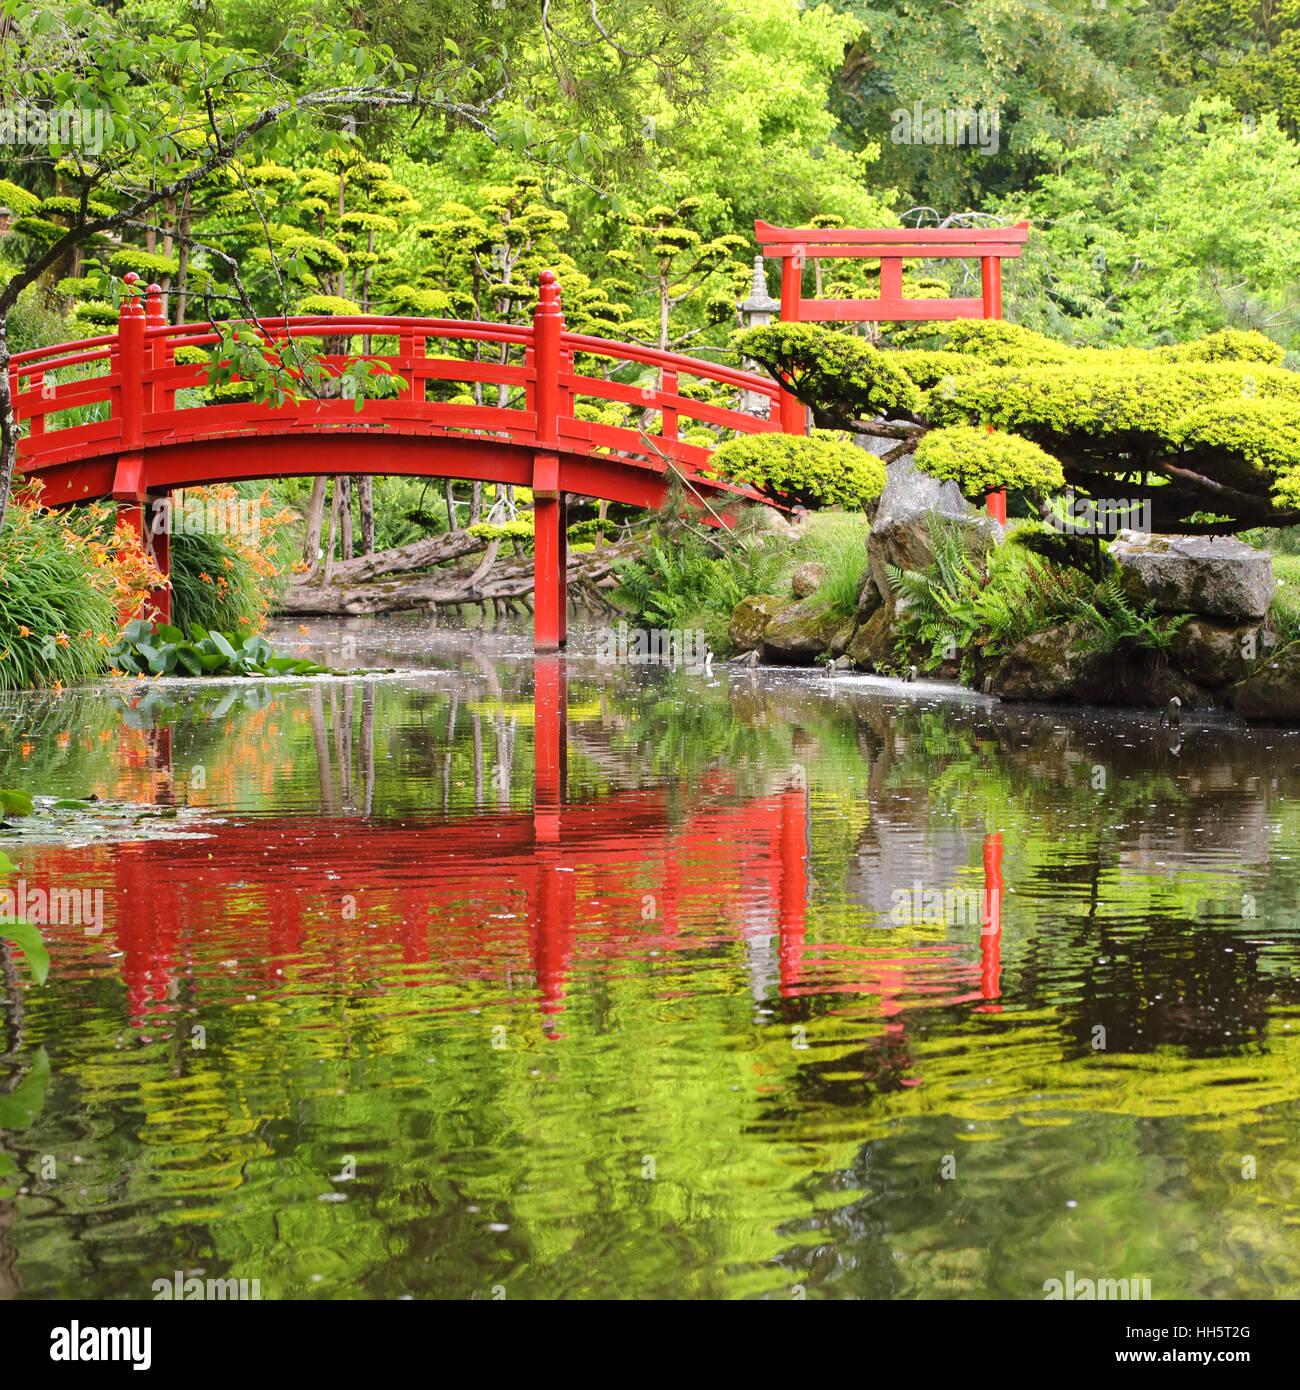 Red Bridge Over Water In Japanese Garden